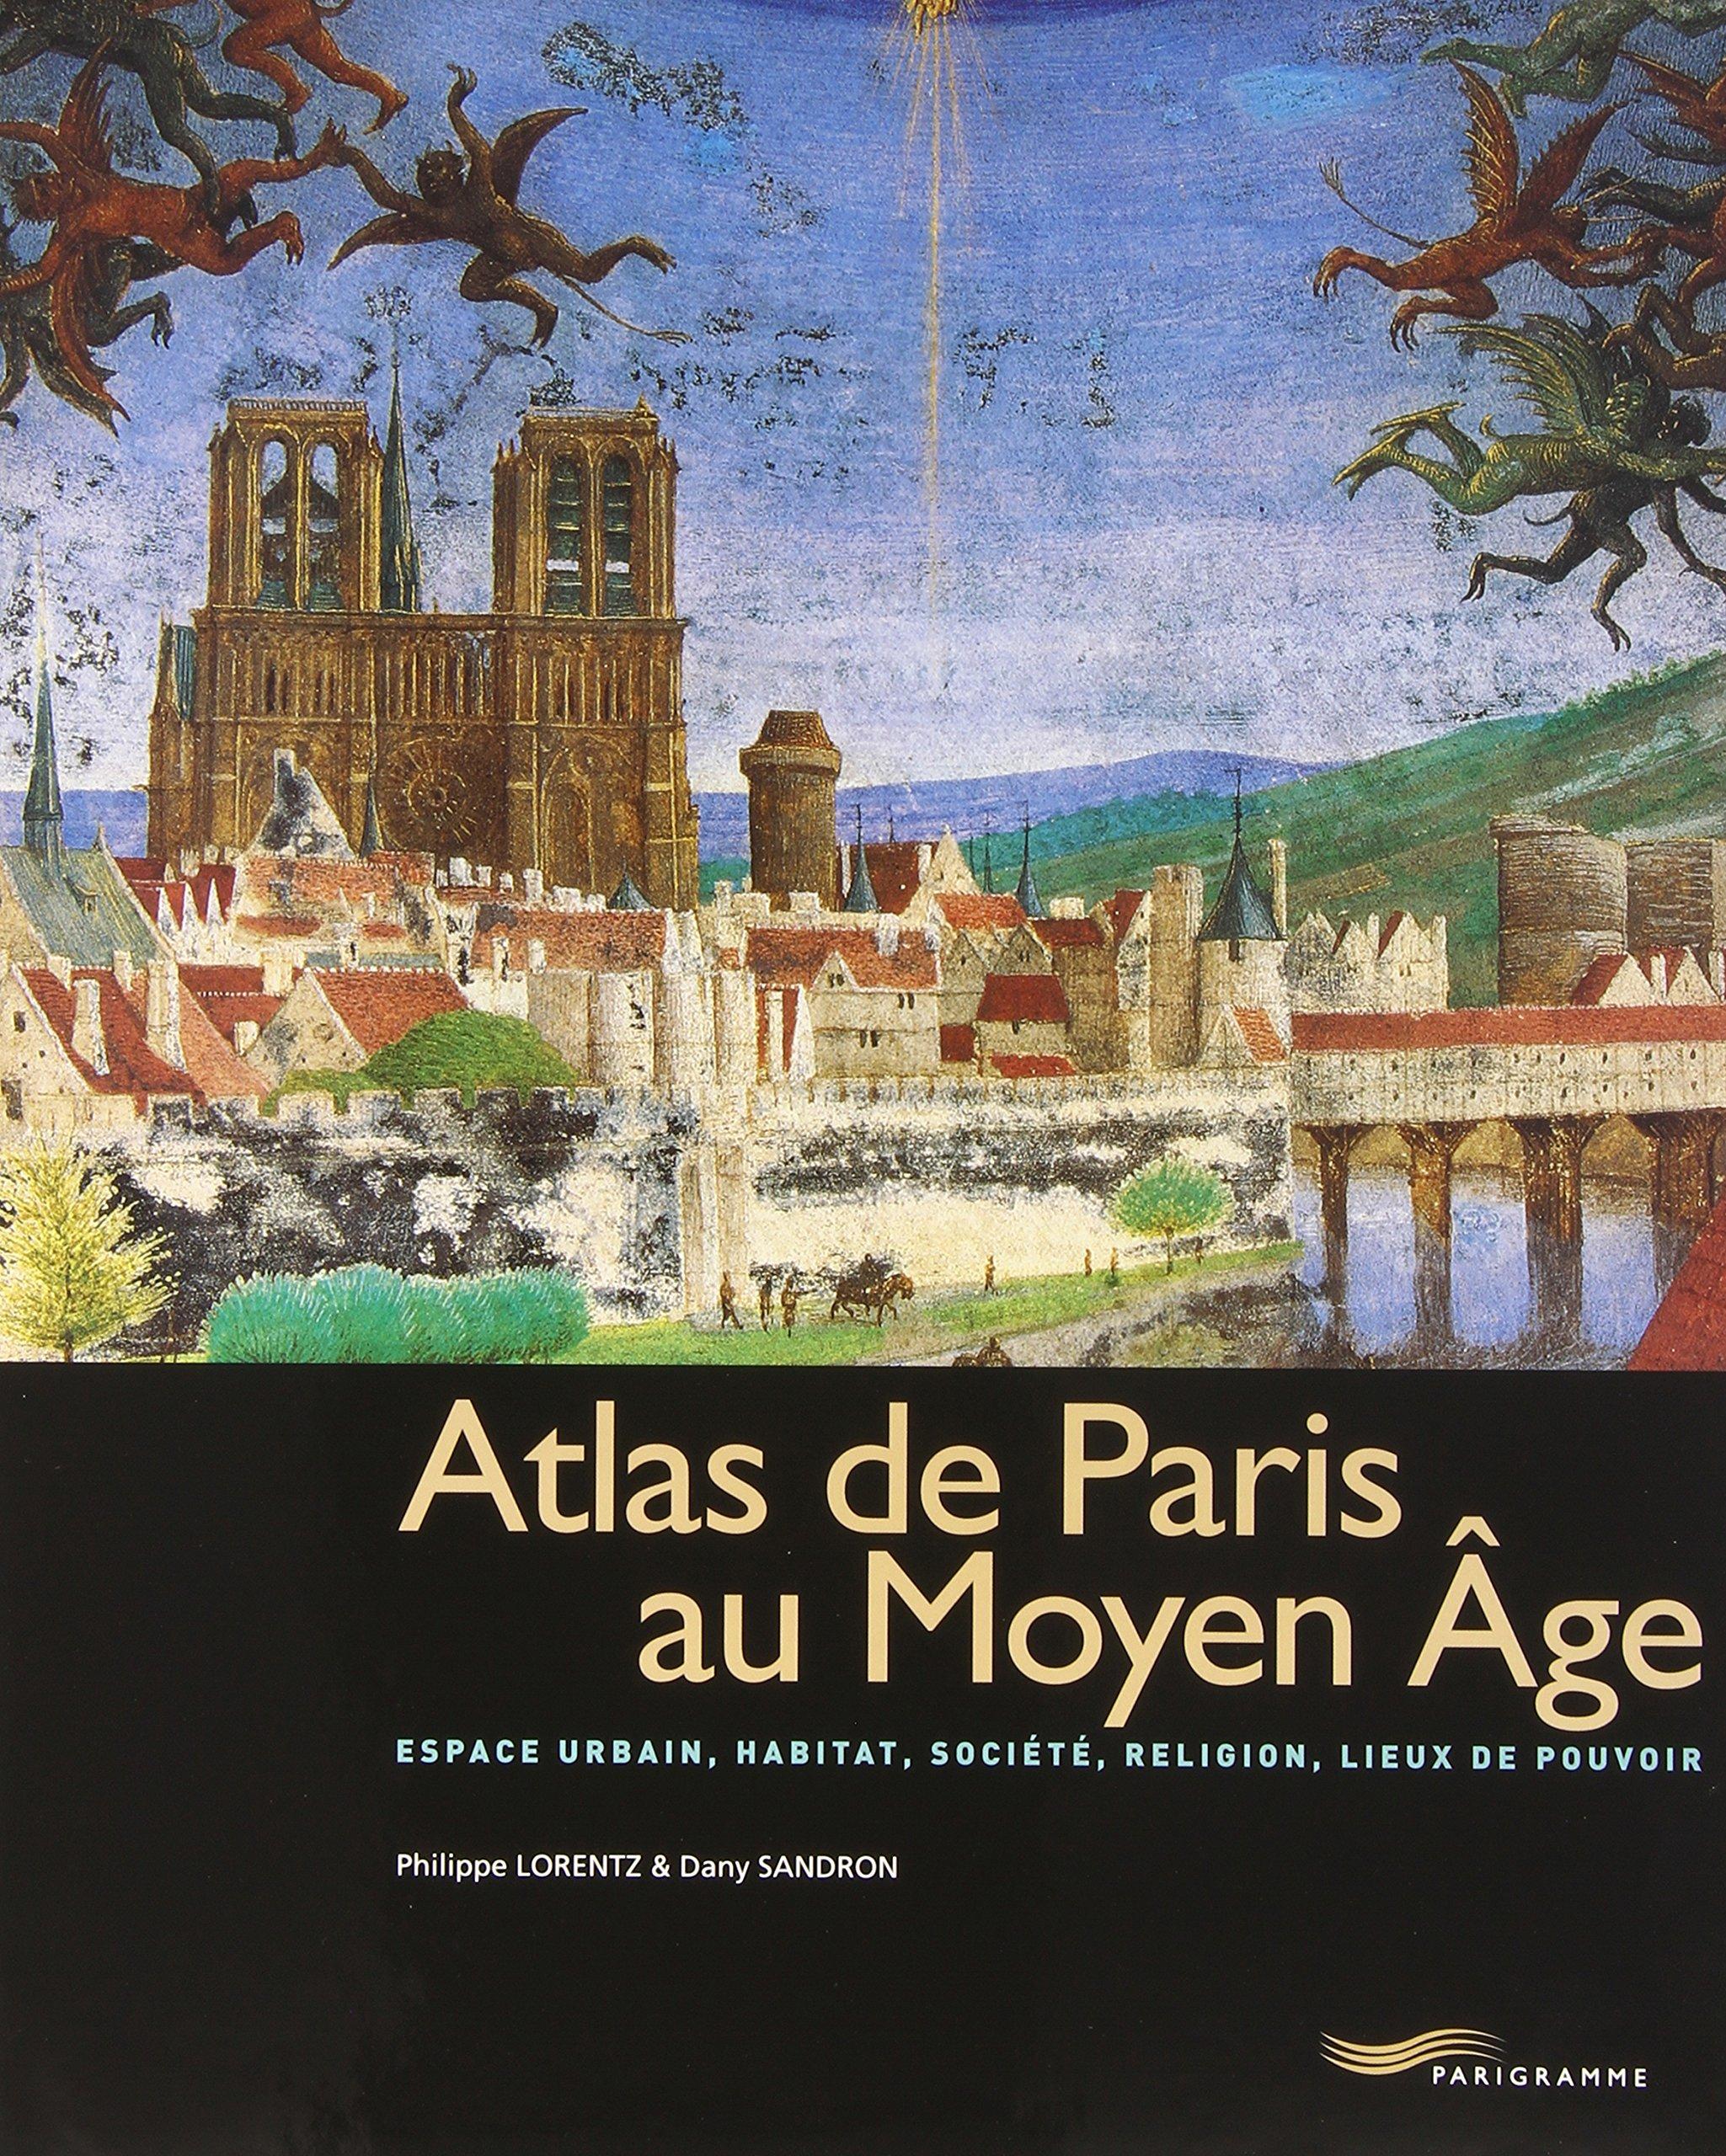 Atlas de Paris au Moyen Age (French Edition): Philippe and Dany ...